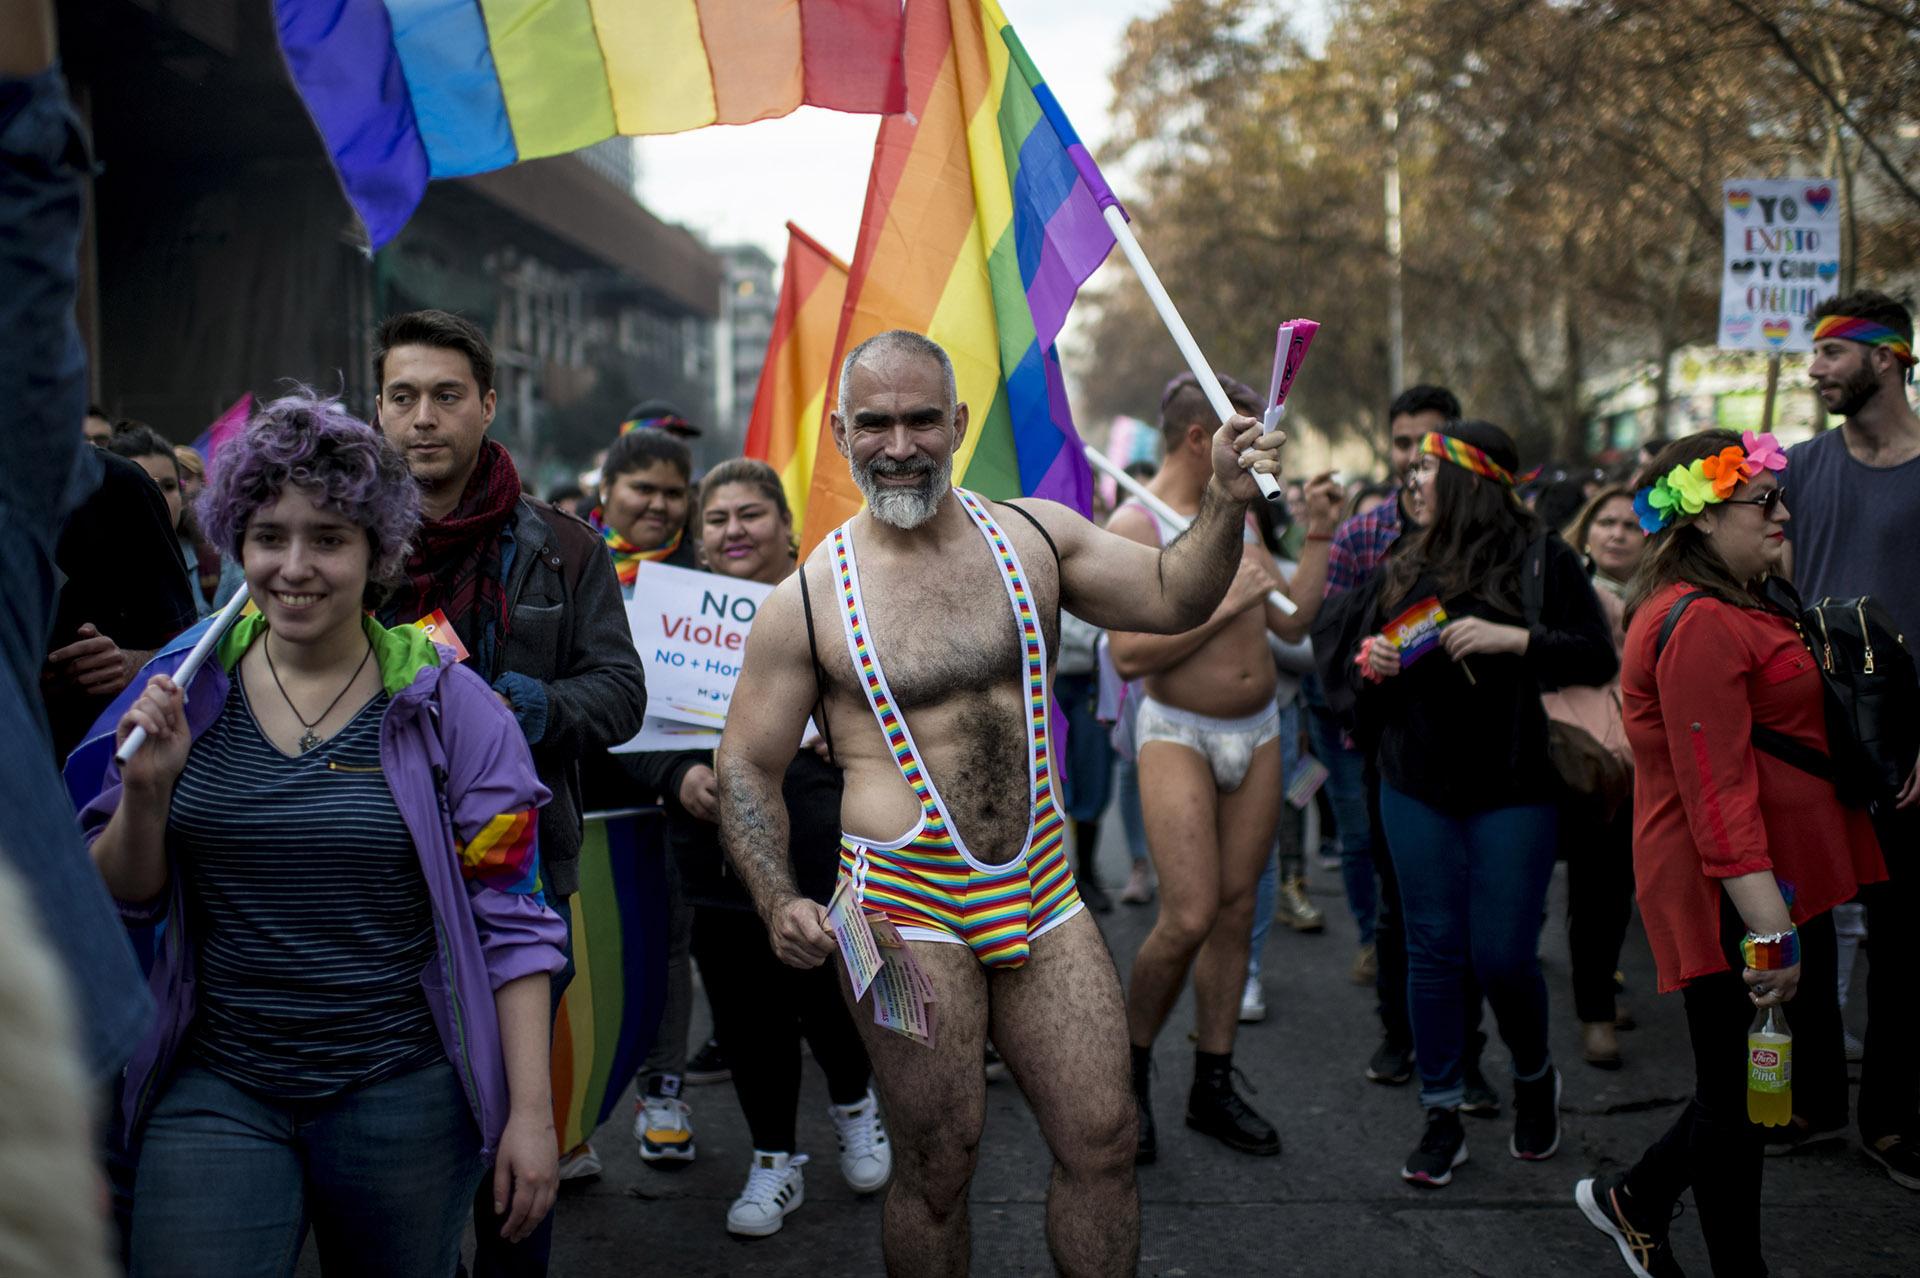 En Santiago de Chile el desfile se realizó el 22 de junio y participaron más de 100.000 personas.La comunidad LGBTQI aspira a que Chile apruebe el matrimonio igualitario y la adopción de niños por parte de parejas del mismo sexo